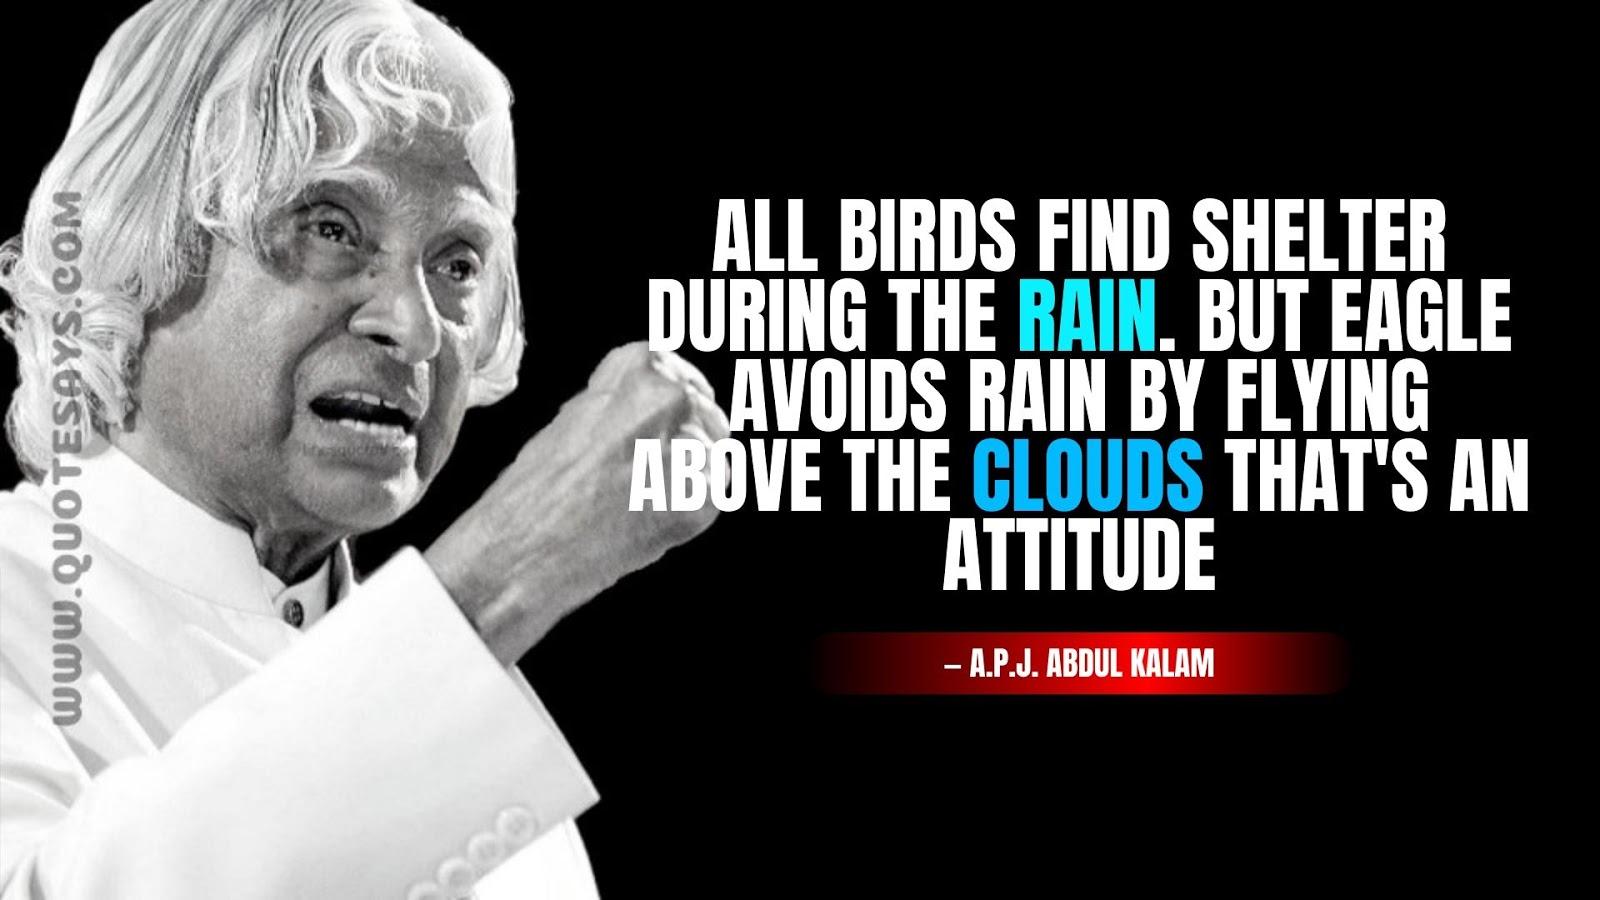 Apj Abdul Kalam Quotes on Eagle, Apj Abdul Kalam Quotes